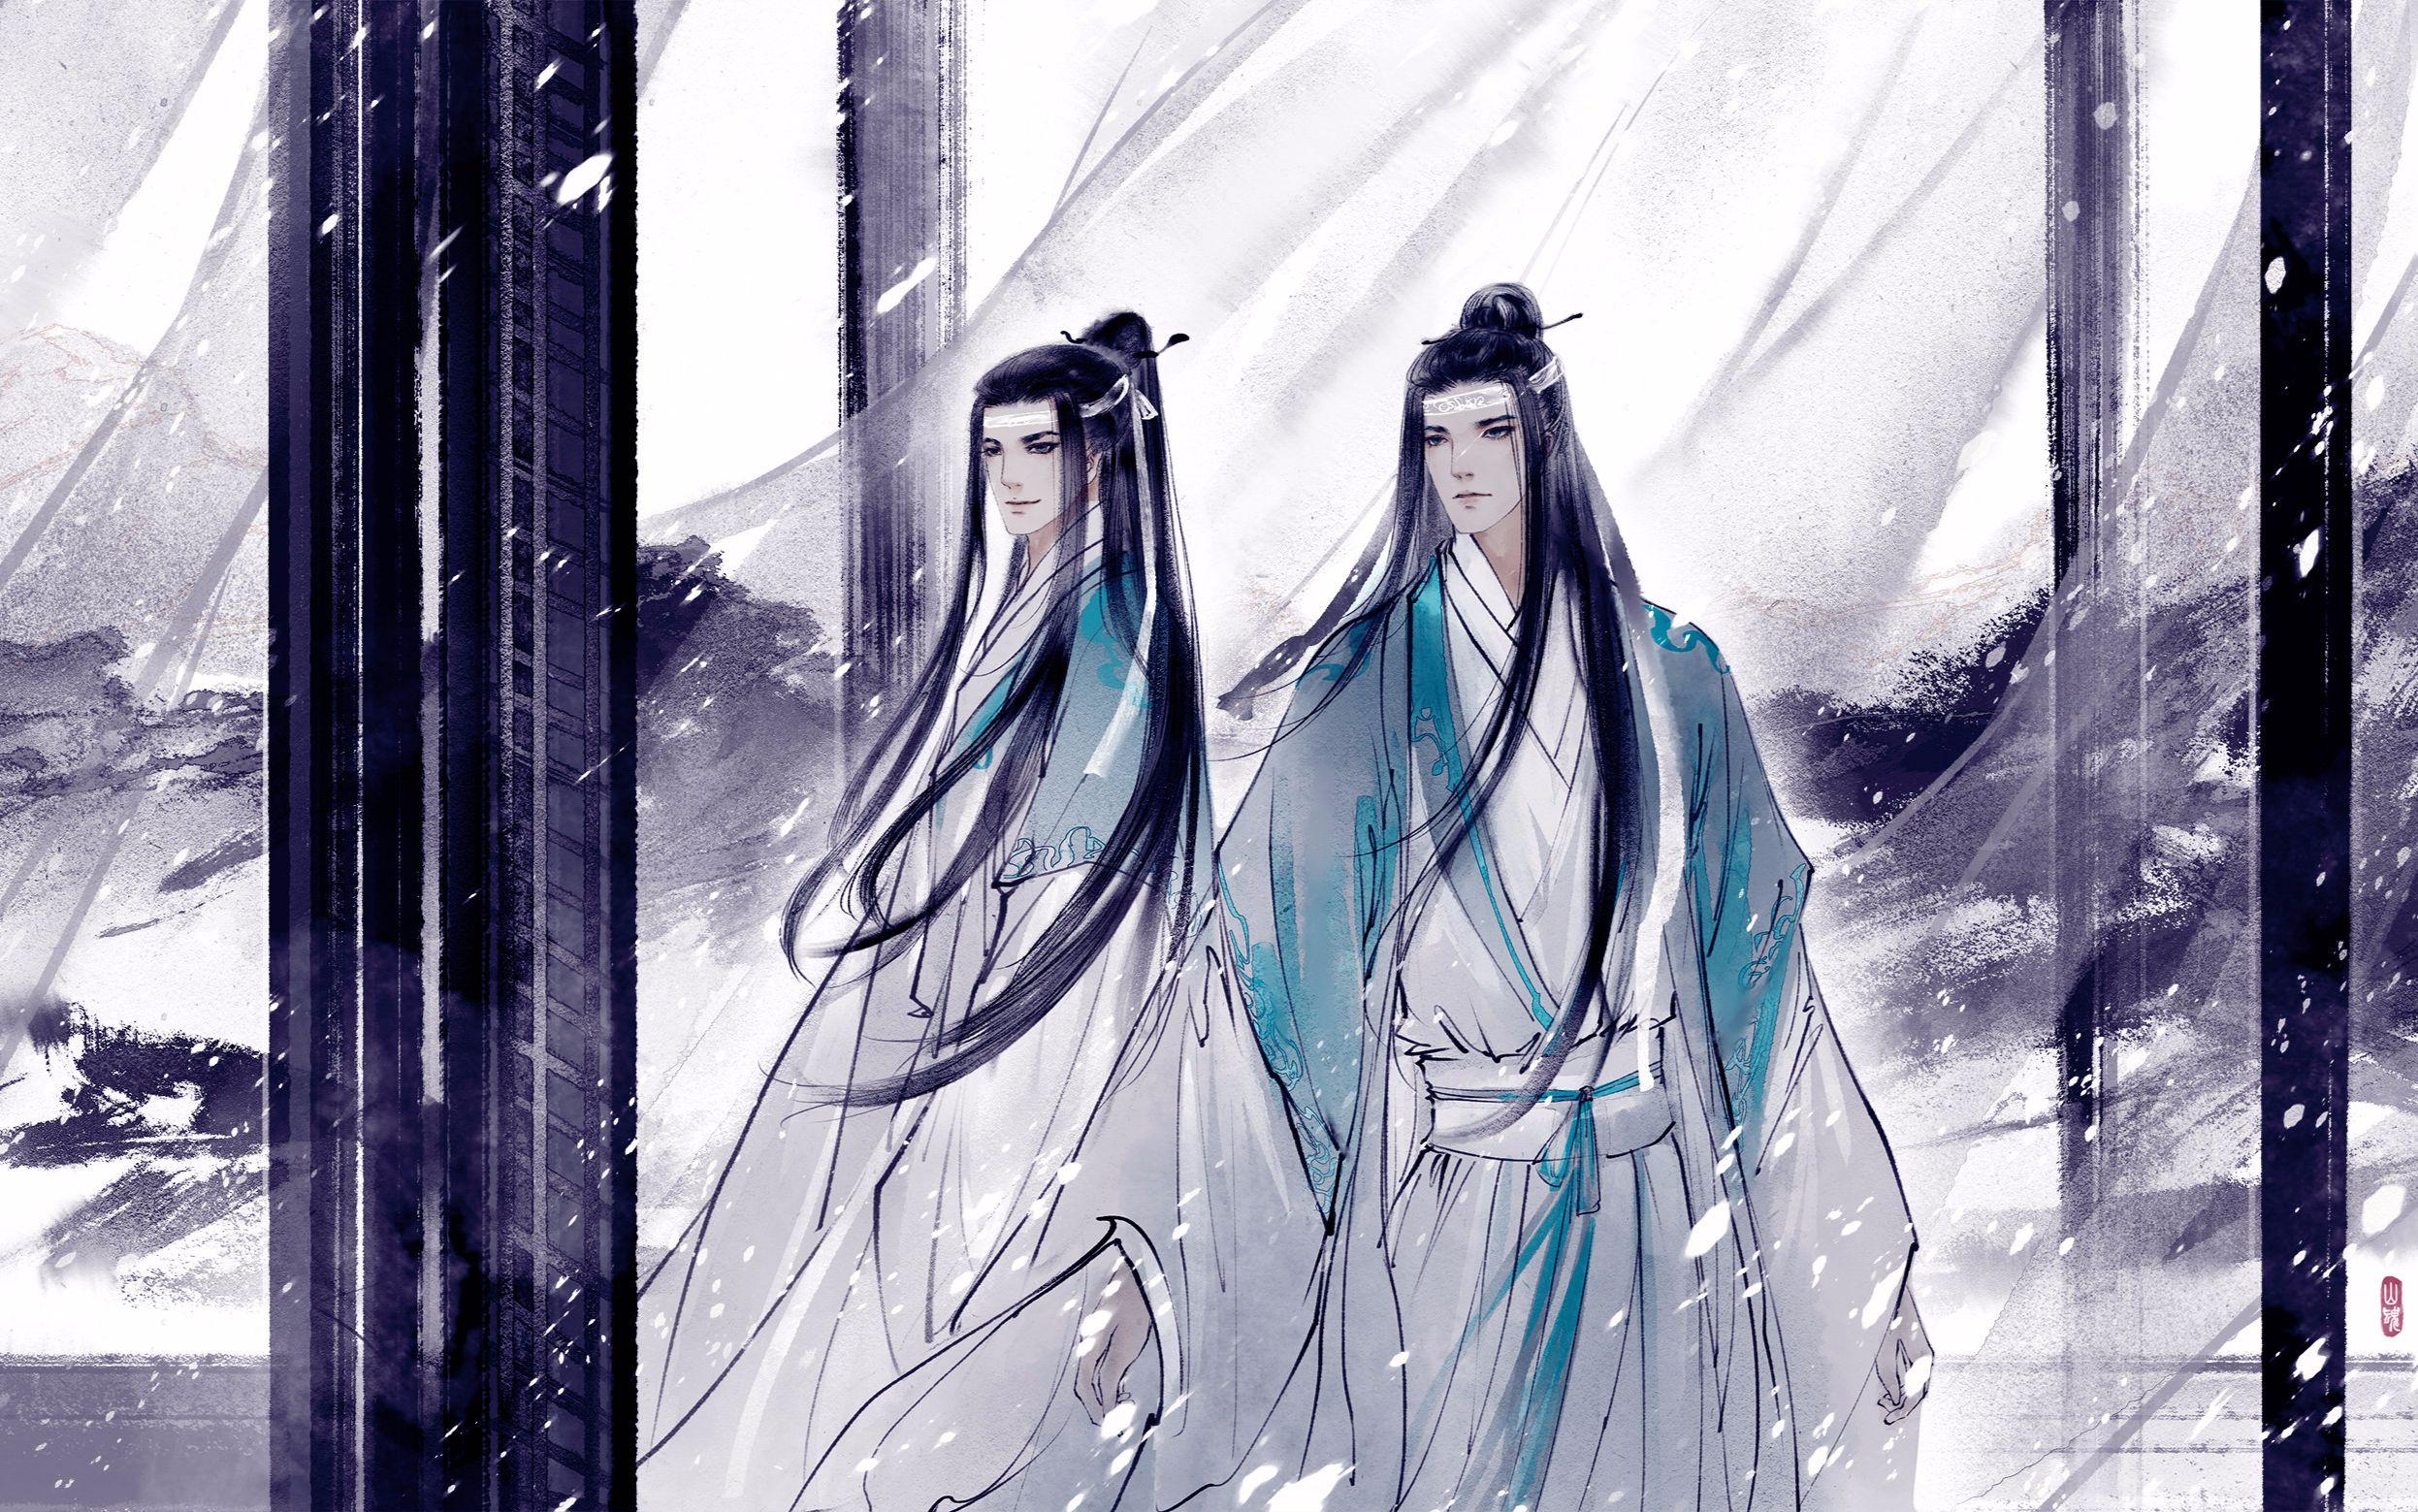 《魔道祖师》云深不归鸿———记姑苏双璧原创歌曲图片